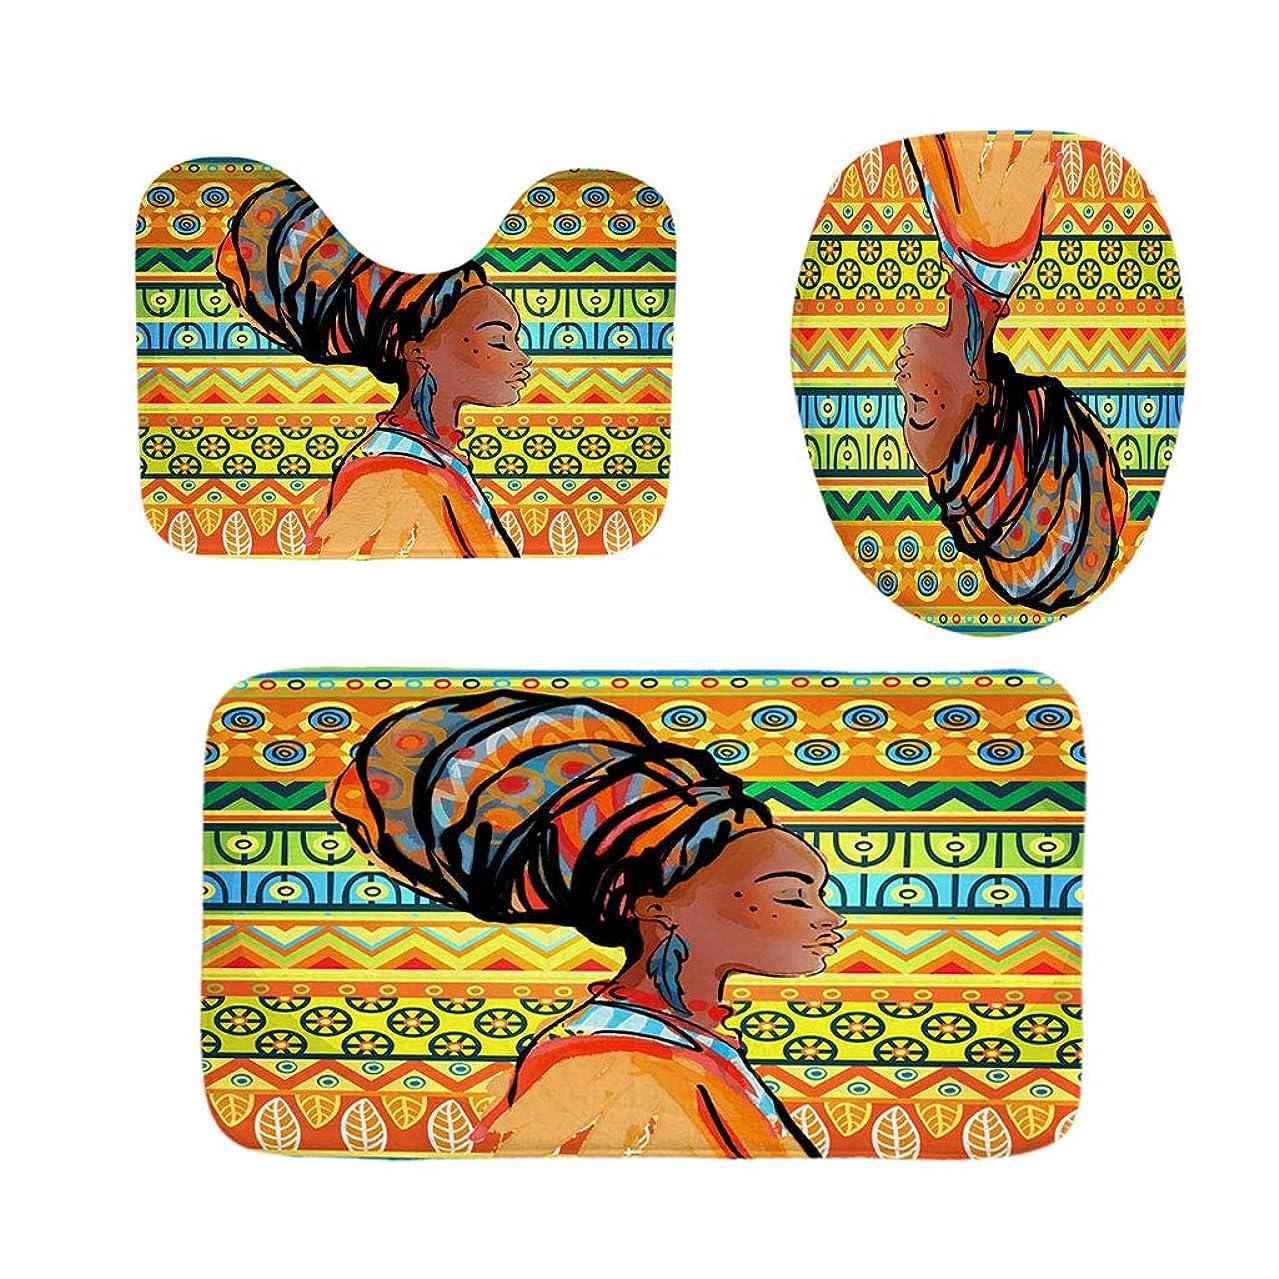 反対する高架ヒョウDaeum 4pcsアフリカ系アメリカ人風呂セット:フック付きPCシャワーカーテンと6pcsフランネルファブリックマット(バスルームマット+台座敷物+便座カバー)